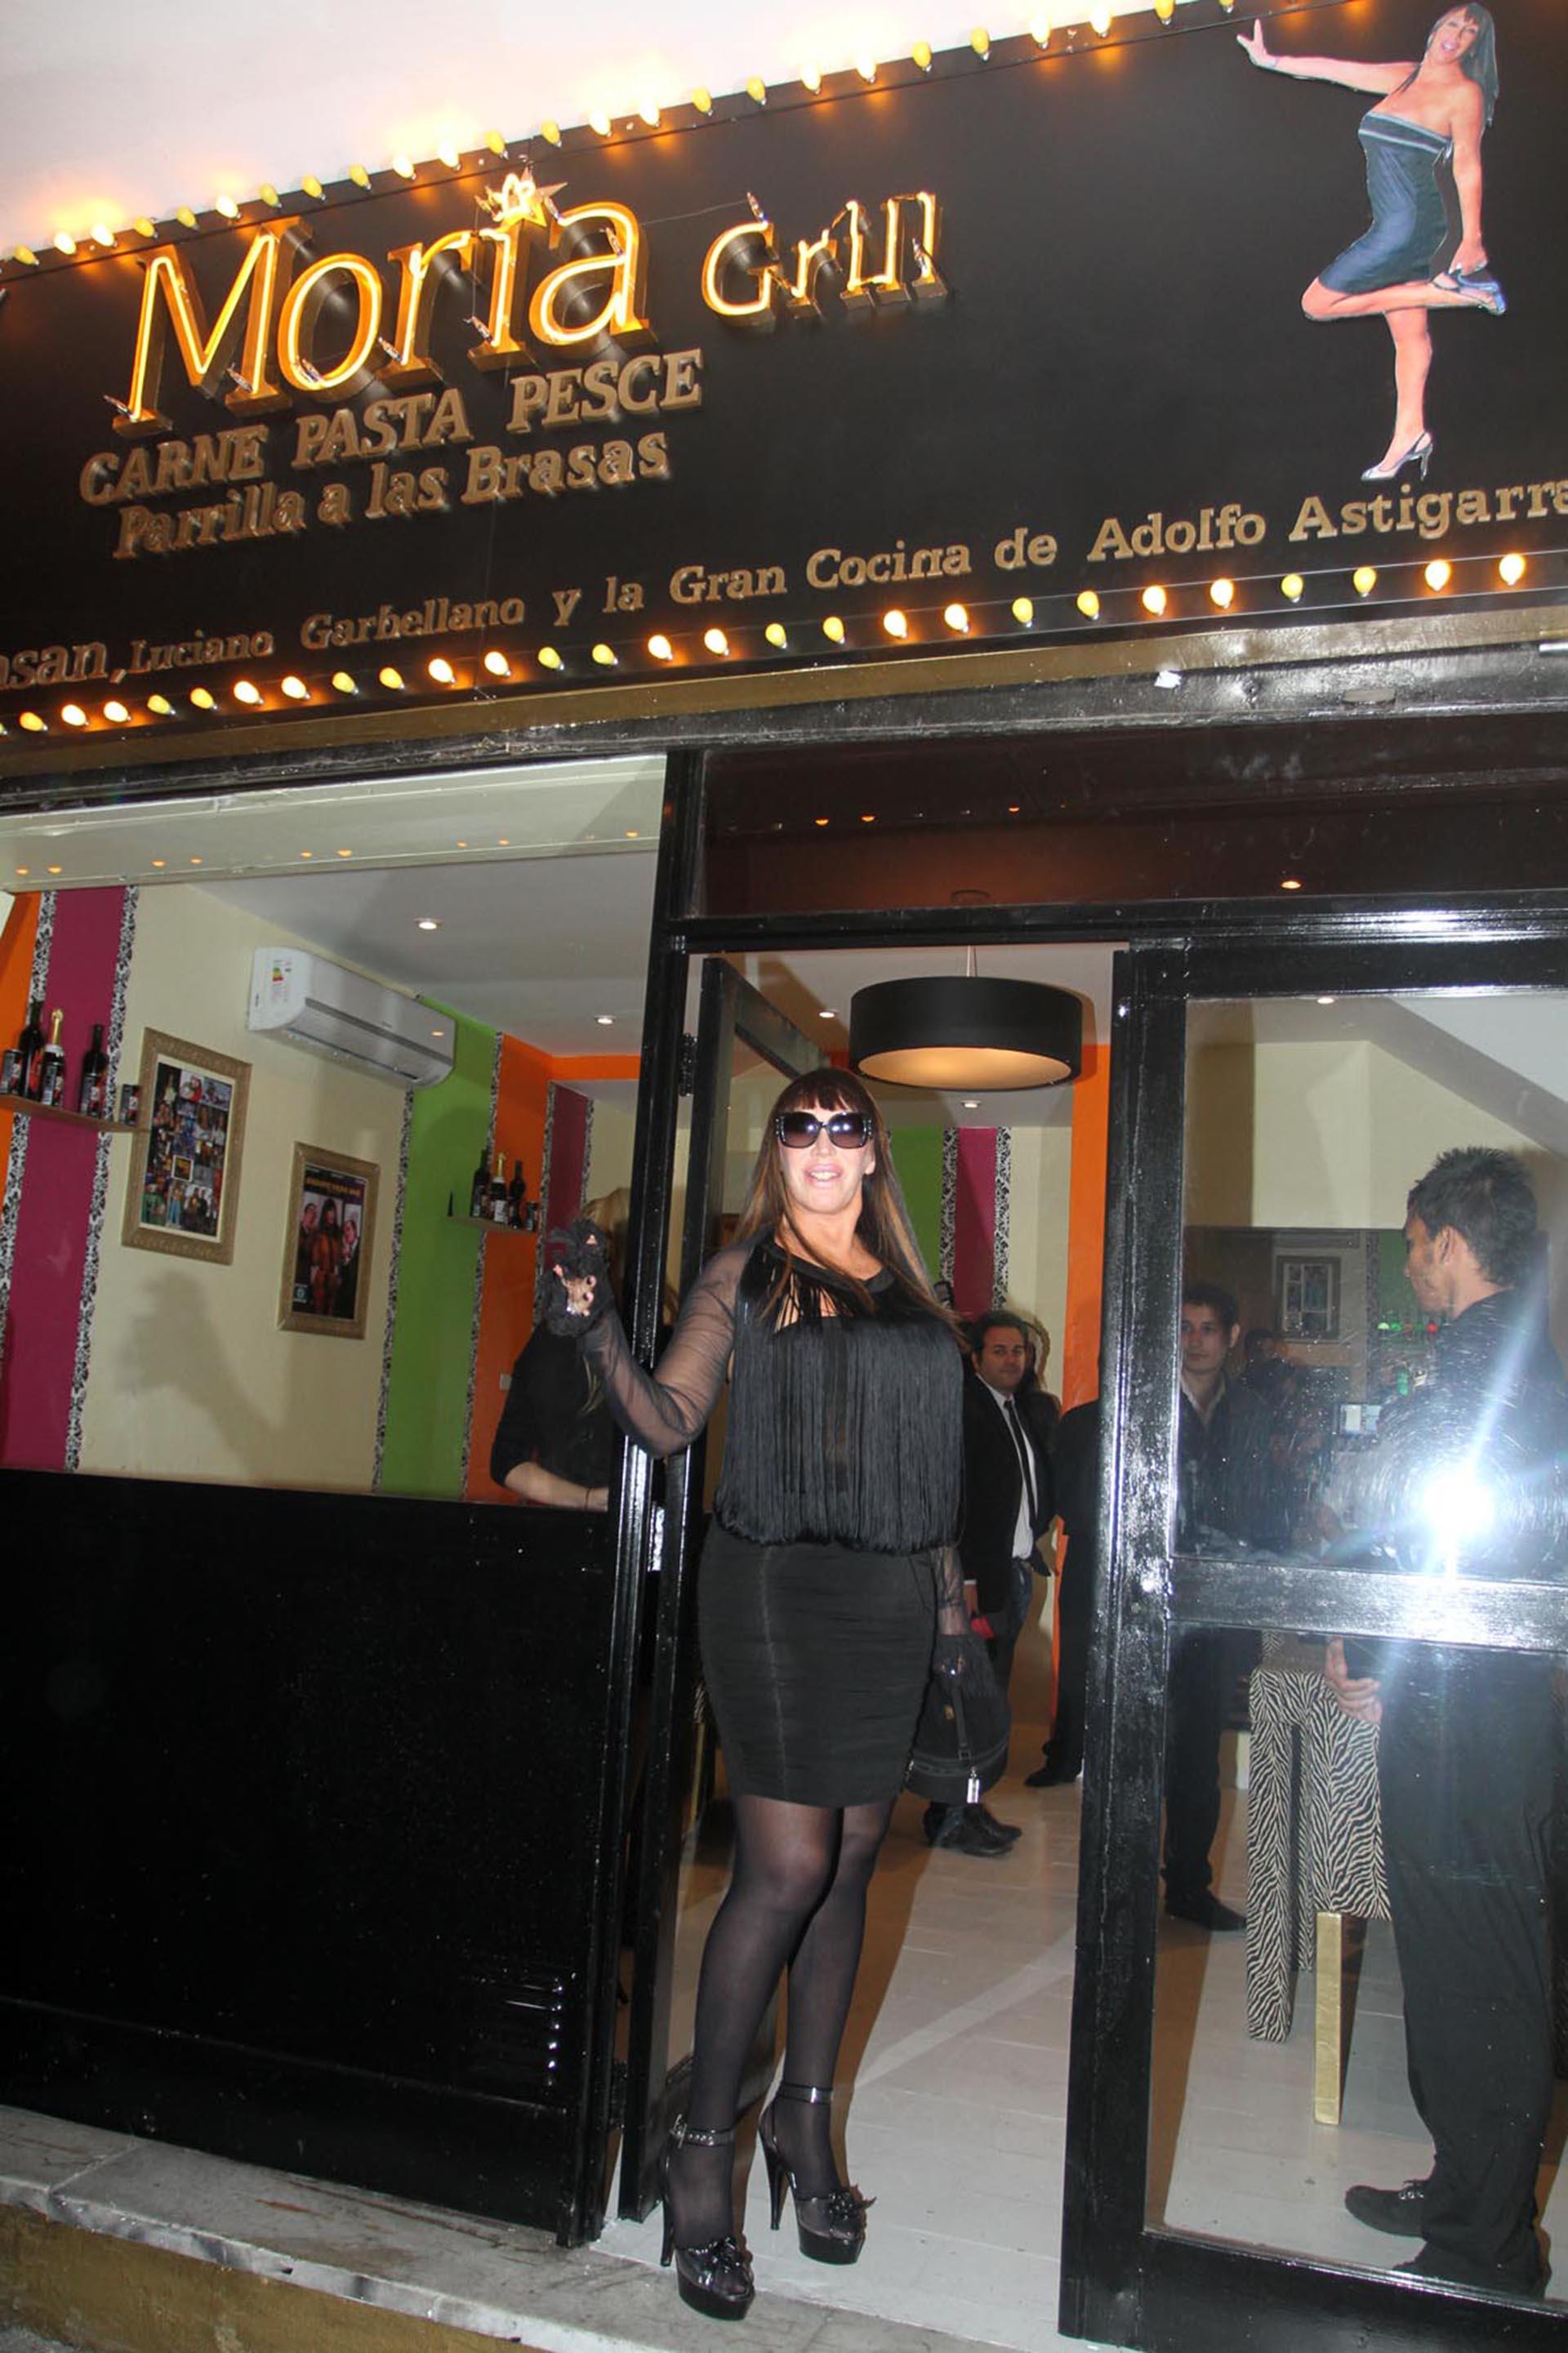 Moria Casán en la puerta de Moria Grill, su restaurante